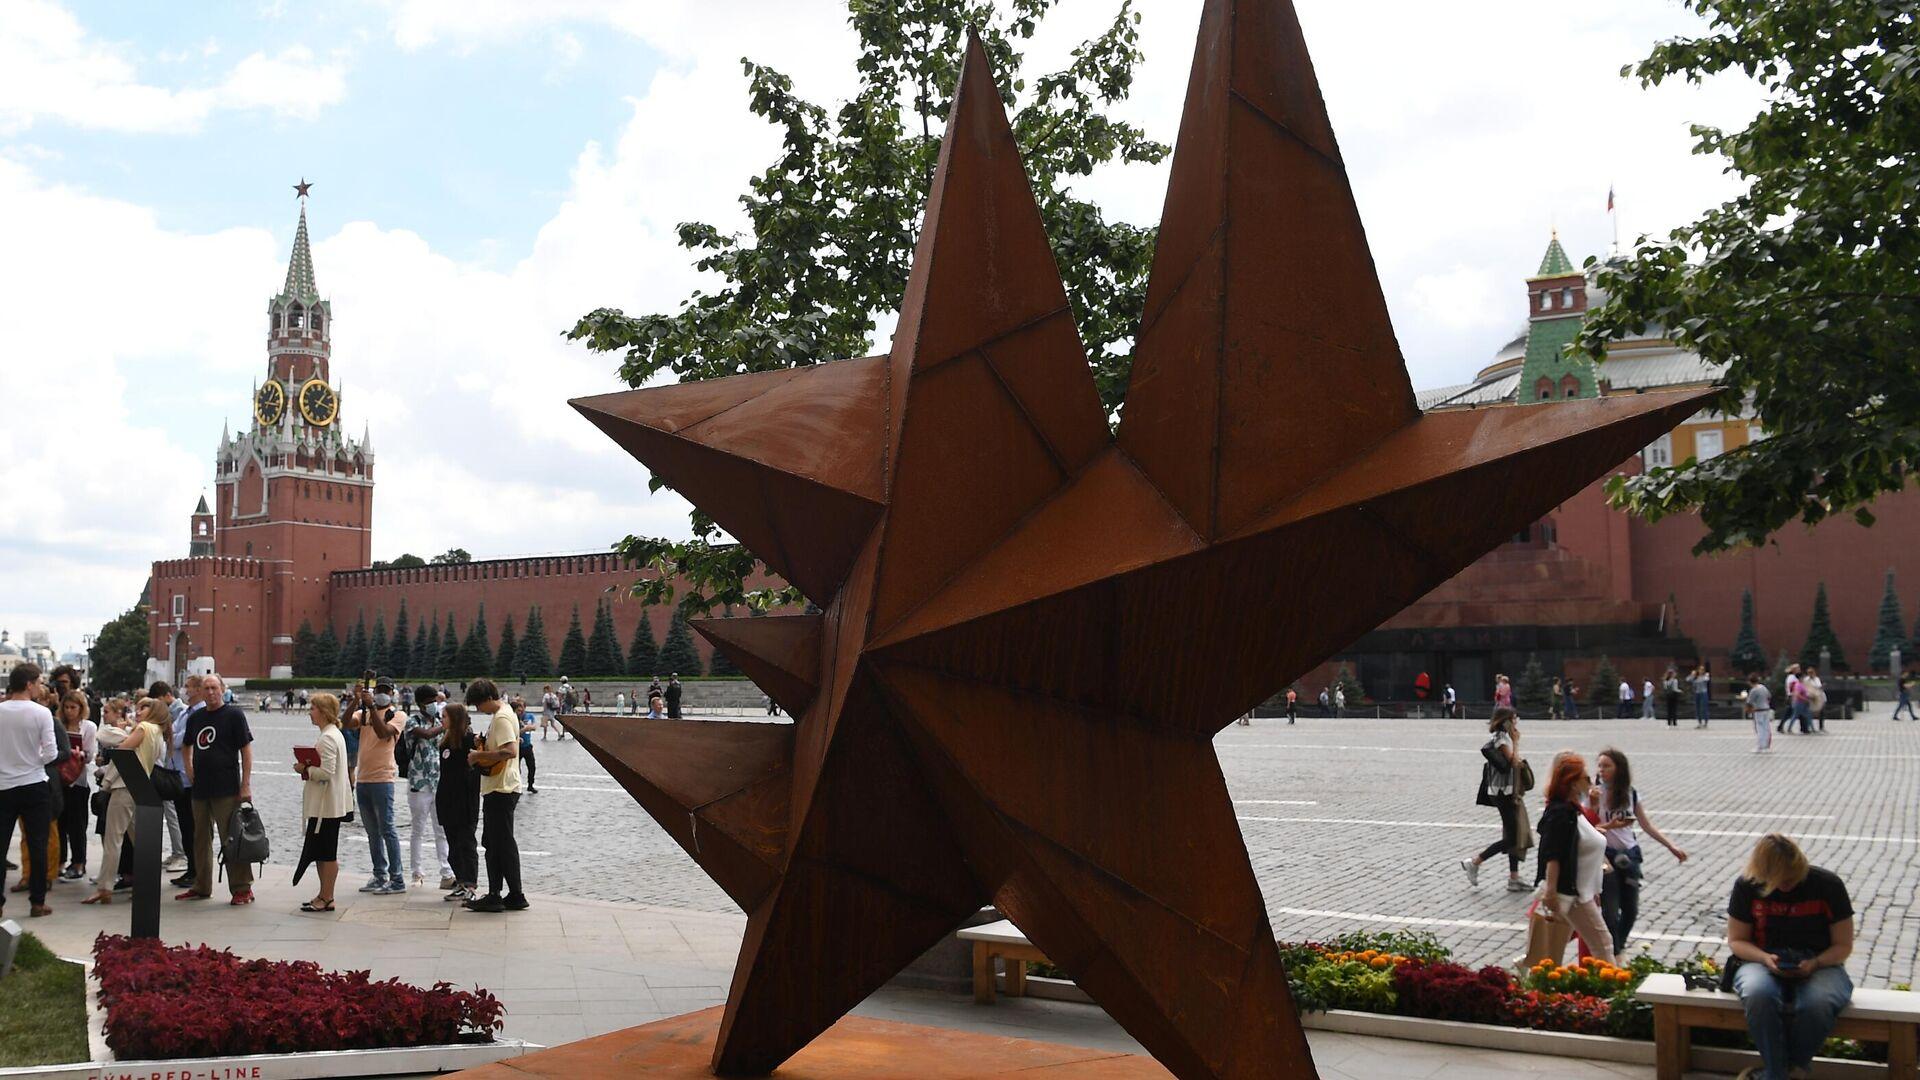 Работа Звезда скульптора Рината Волигамси на выставке российского паблик-арта Красный сад на Красной площади - РИА Новости, 1920, 03.07.2021